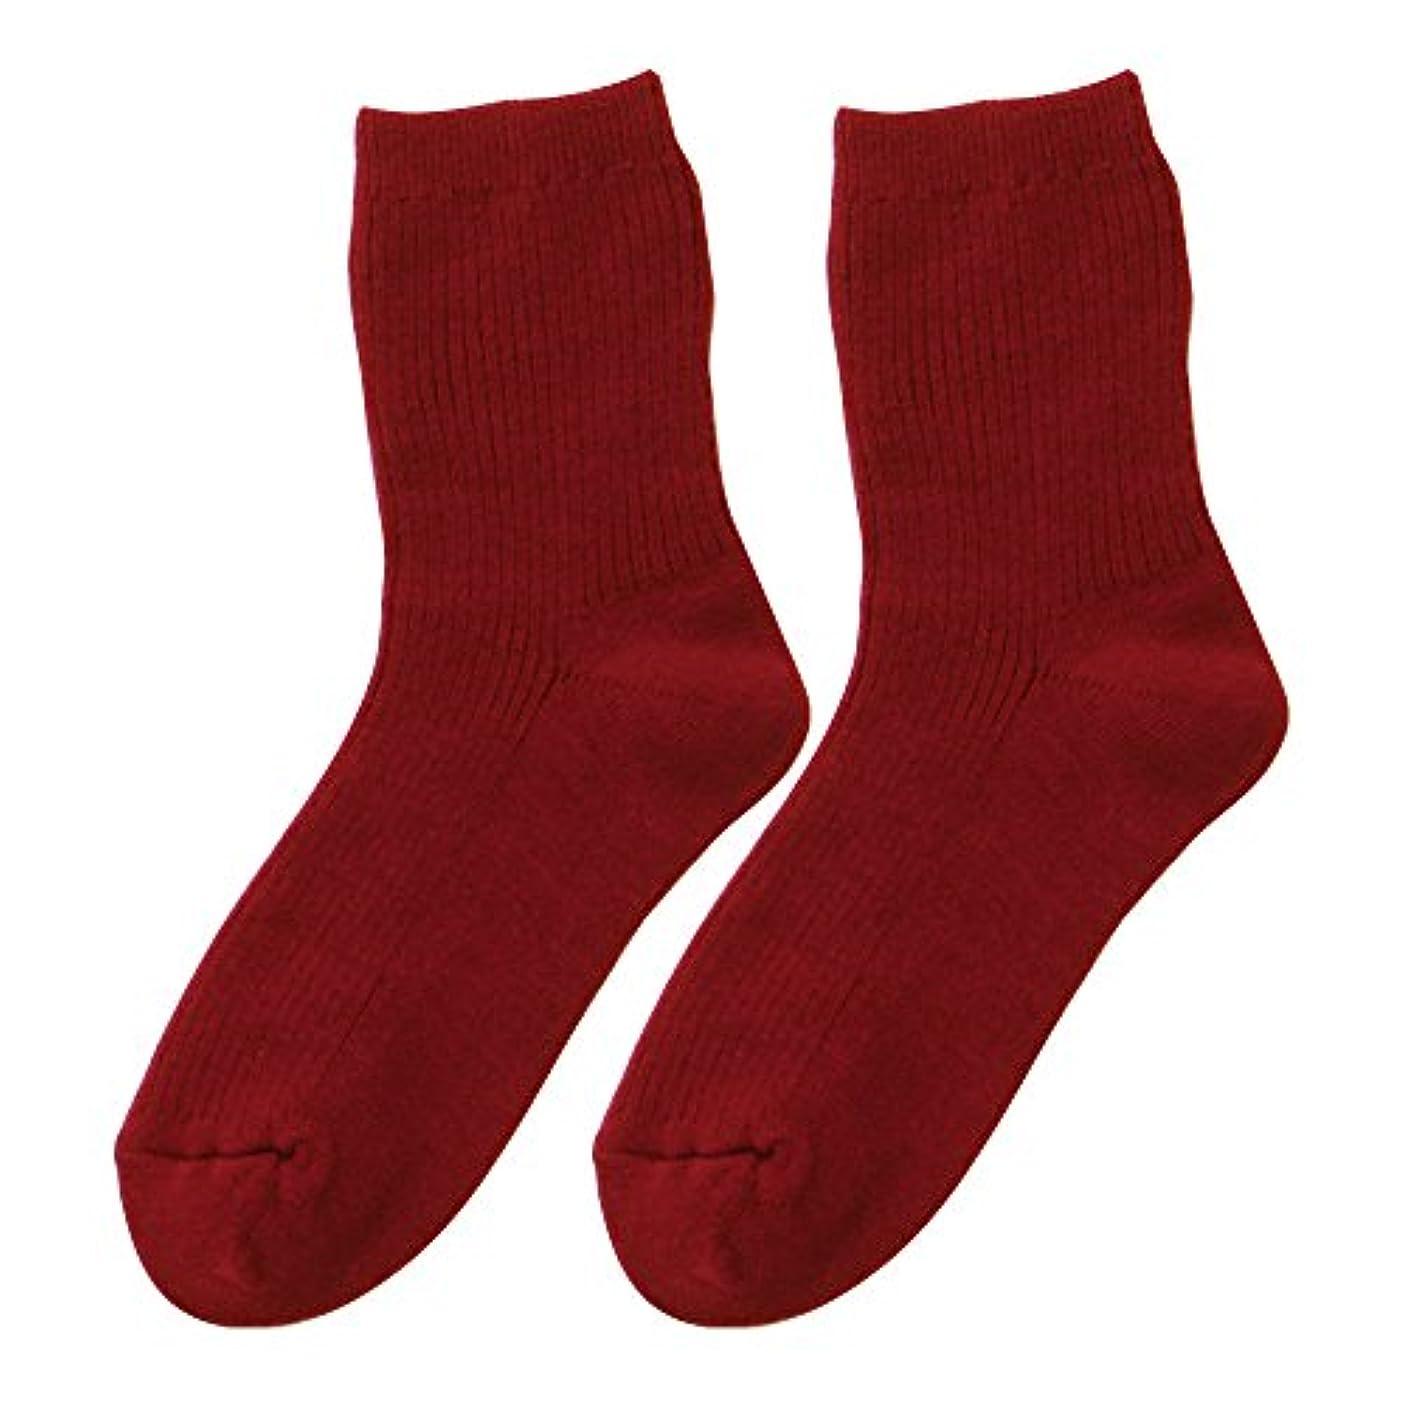 国際誤って階段ひだまり ダブルソックス 婦人用 靴下[22~24cm] エンジ